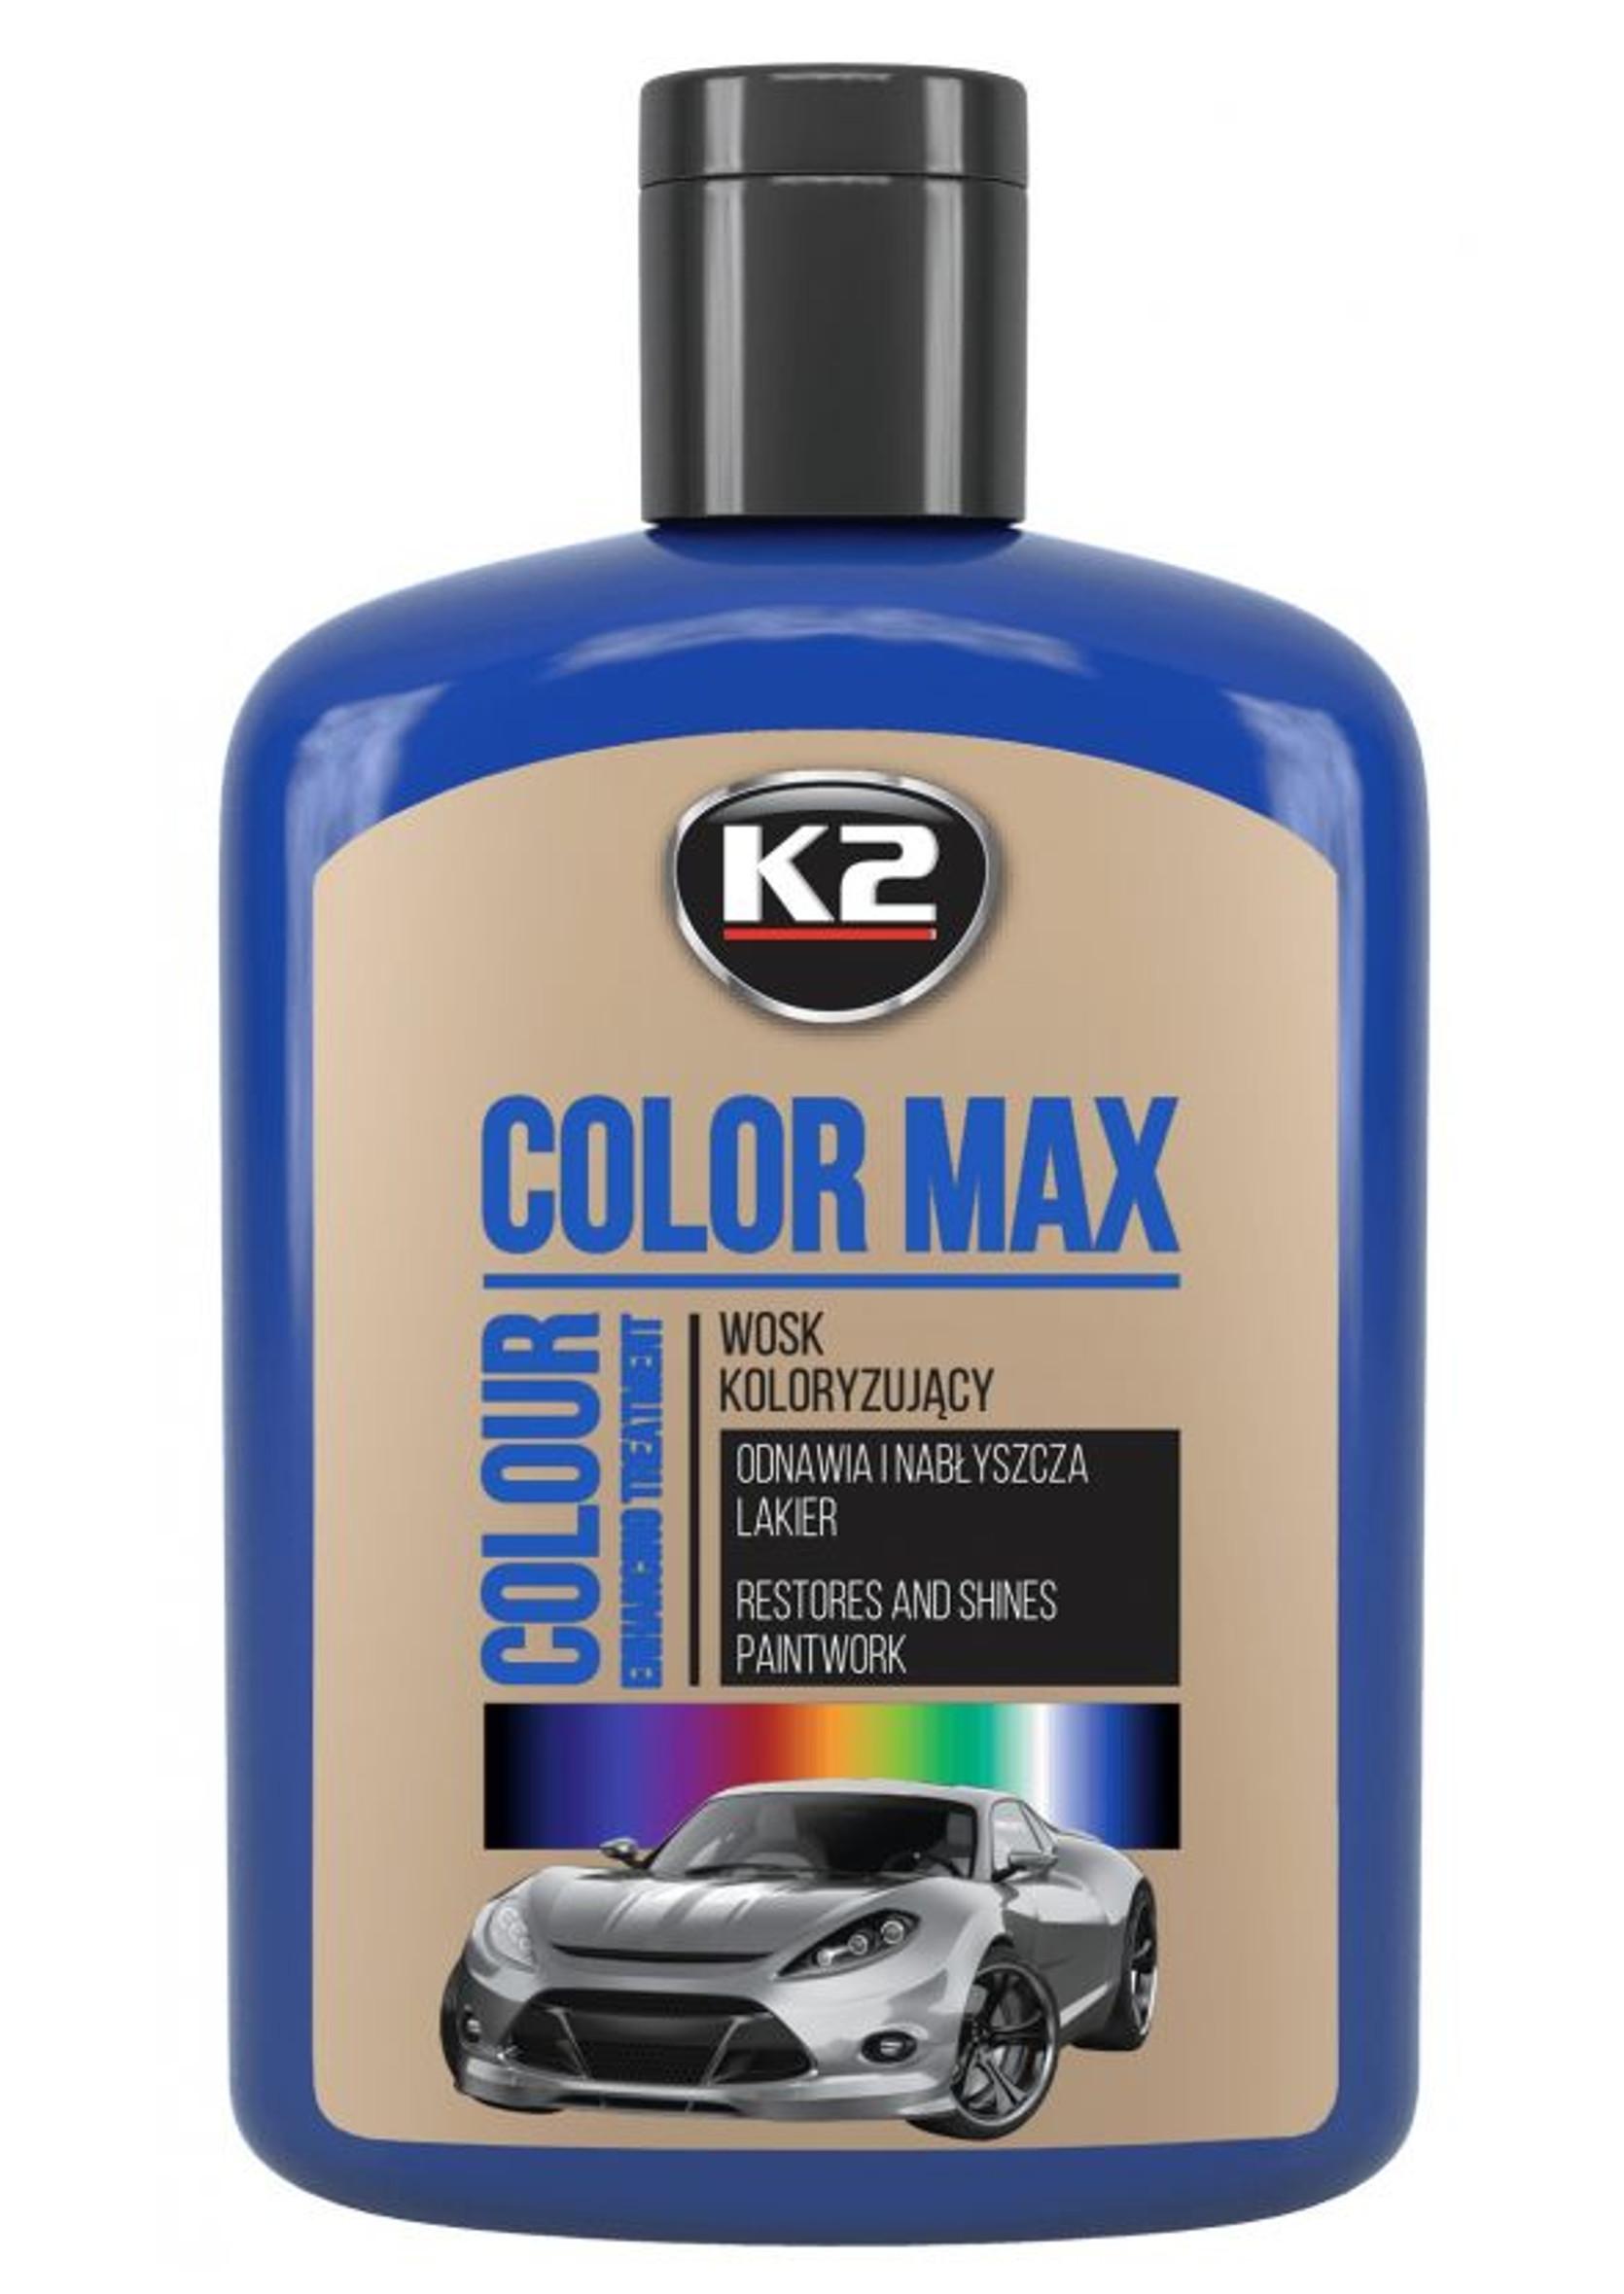 K2 Color Max 200ml Niebieski Wosk Koloryzujący do Lakieru